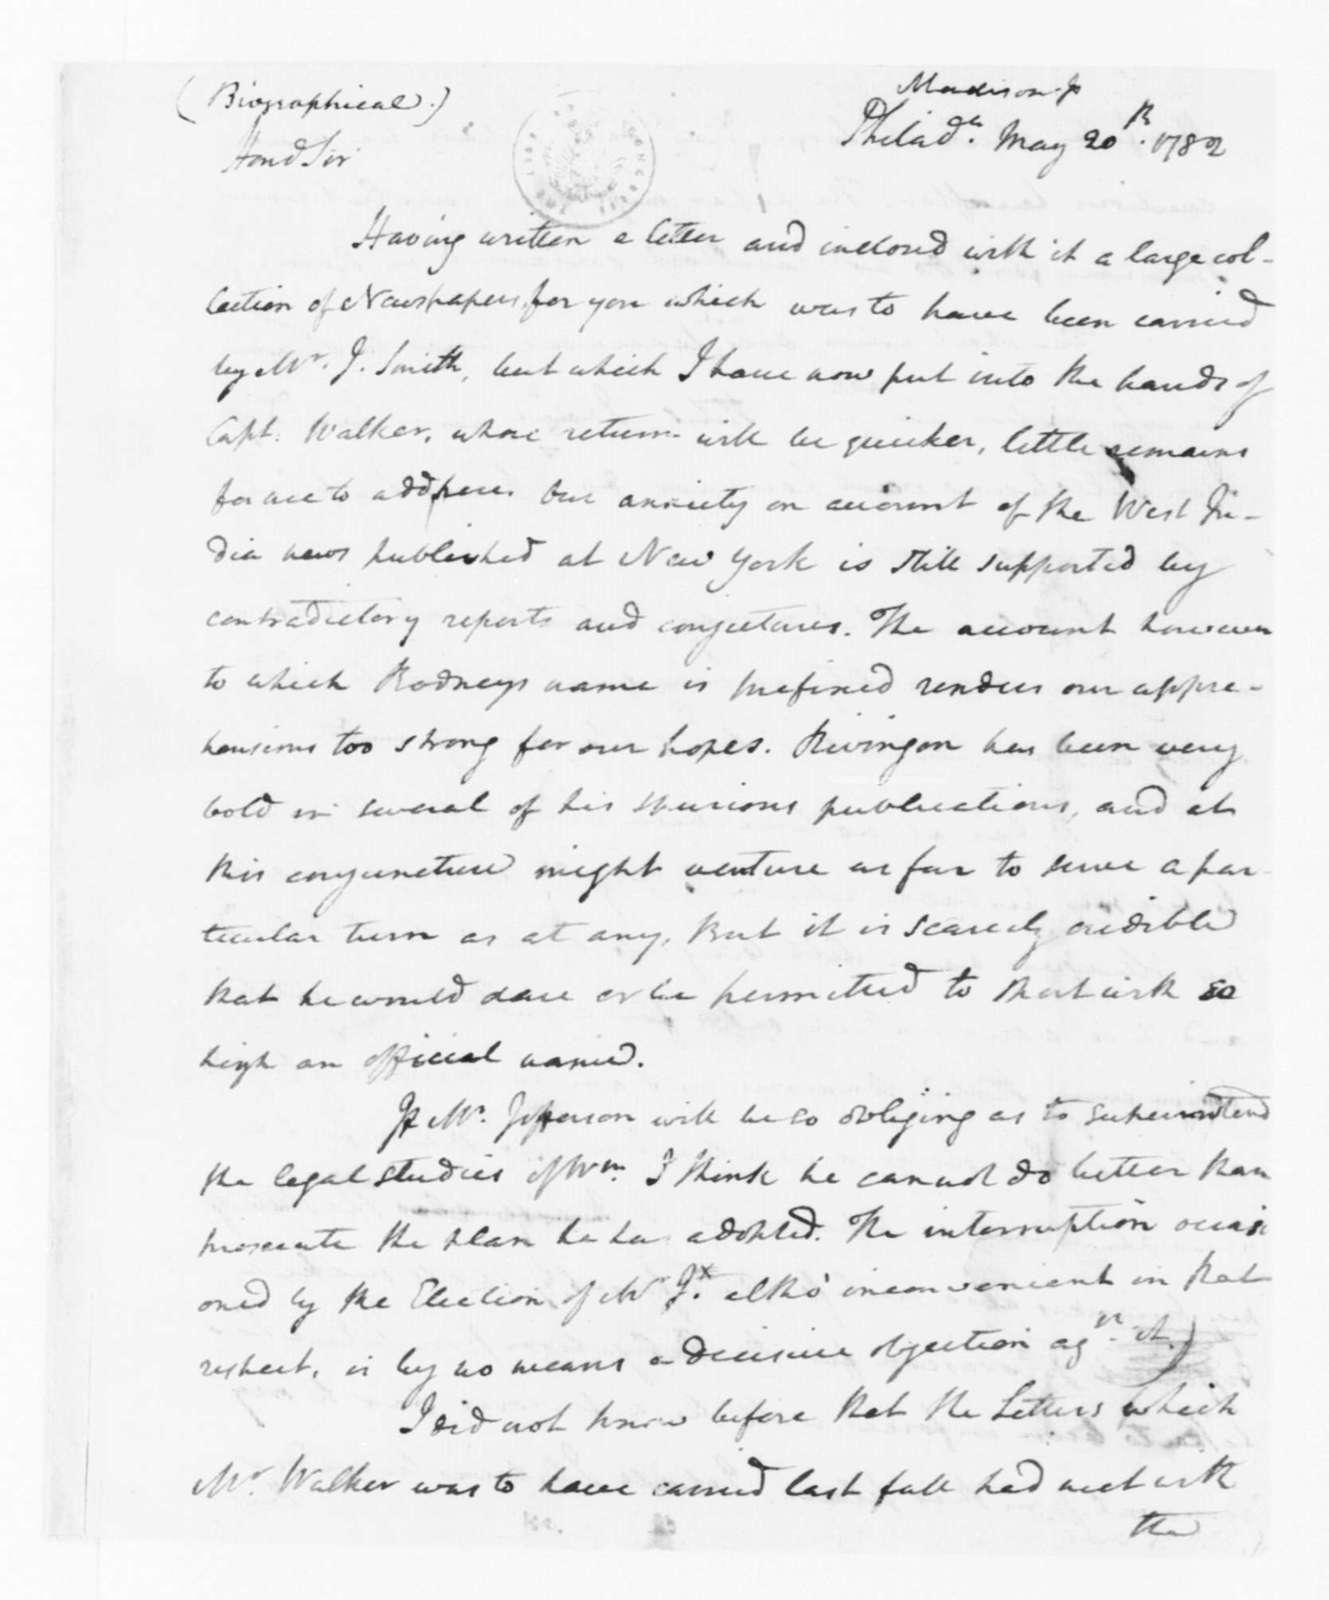 James Madison to James Madison, Sr., May 20, 1782.